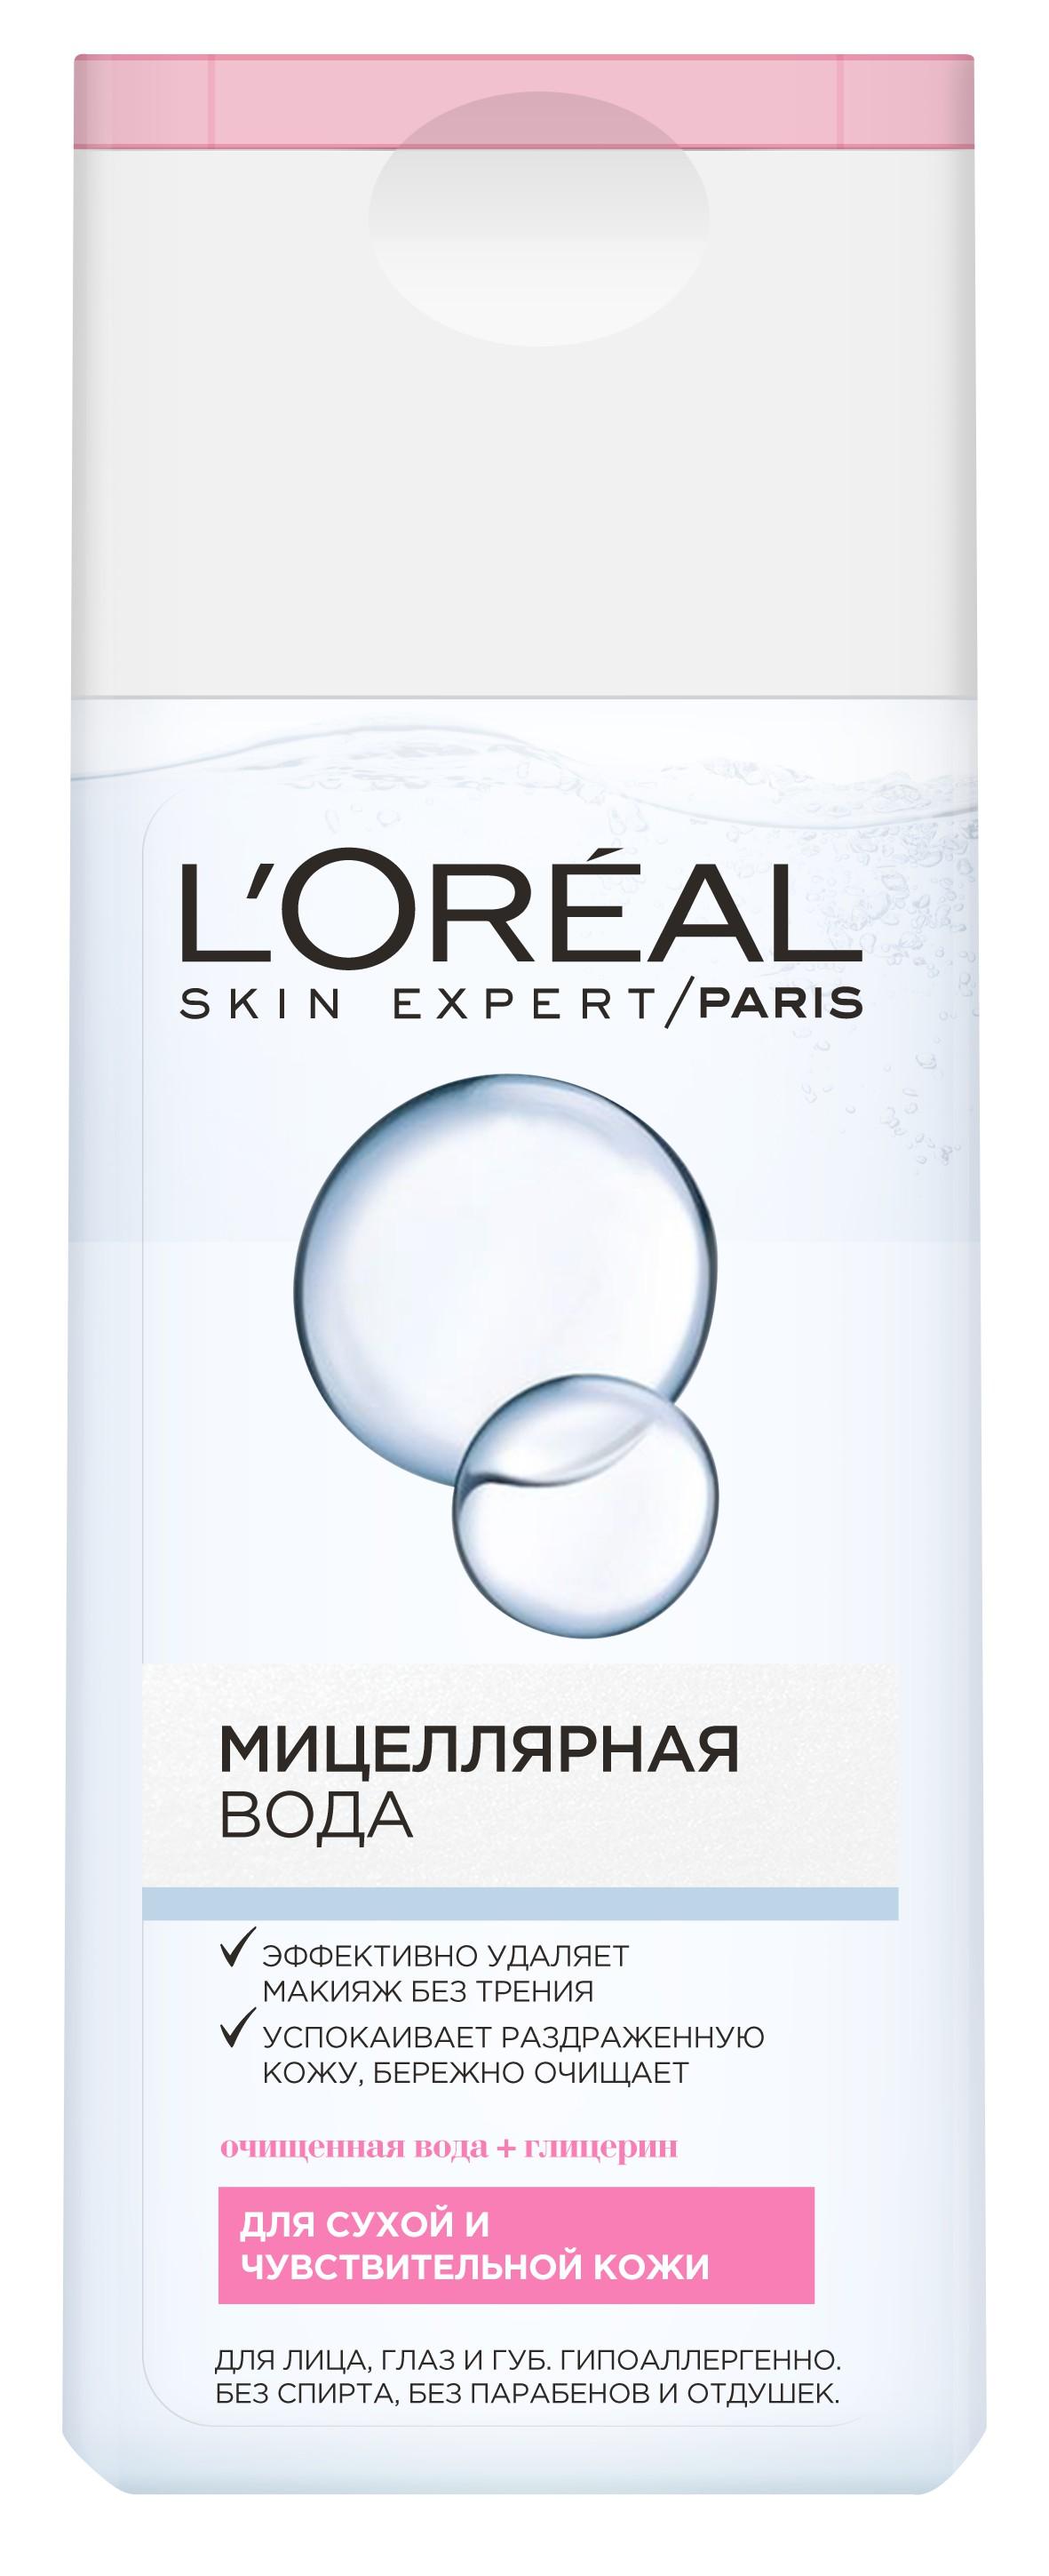 LOreal Paris Мицеллярная вода для снятия макияжа, для сухой и чувствительной кожи, гипоаллергенно, 200 млA7080301Мицеллярная вода для кожи эффективно и бережно удаляет макияж и загрязнения без трения благодаря мицеллам, захватывающим загрязнения. Средство обладает успокаивающим действием. Без лишнего трения мицеллярная вода бережно очищает кожу лица, губ и деликатную область вокруг глаз. Мицеллярная вода для лица- это больше, чем просто удаление макияжа и очищение. Формула на основе очищенной воды, обогащенная глицерином, обладает успокаивающим действием, бережно удаляет макияж.